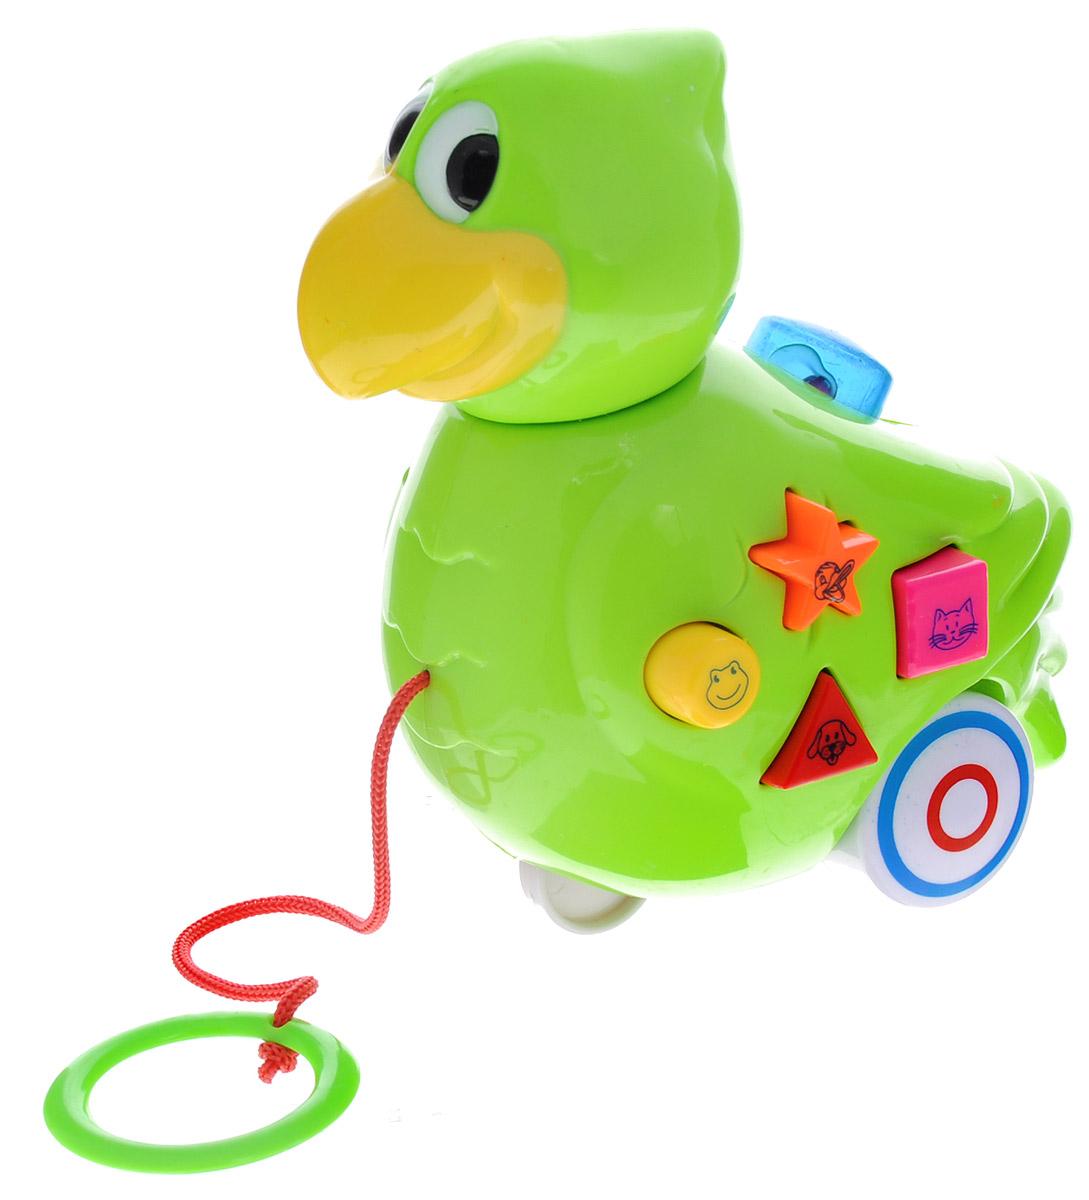 Mommy Love Игрушка-каталка Птичка211B_птичкаИгрушка-каталка Mommy Love Птичка обязательно понравится вашему малышу. Изделие выполнено из высококачественного пластика, экологически безопасного для ребенка, использованные красители не токсичны. Игрушка яркая, разноцветная, она обязательно заинтересует ребенка. Снабжена световыми и звуковыми эффектами. Игрушка выполнена в виде птички. Яркие разноцветные кнопочки различной формы на птичке обязательно заинтересуют малыша. Нажав на них, он услышит 4 звука, также есть возможность выбора мелодий. Такая игрушка будет подталкивать ребенка больше ходить, развивает мелкую моторику, координацию движений, а также цветовое и звуковое восприятие. Рекомендуется докупить 2 батарейки типа АА (товар комплектуется демонстрационными).